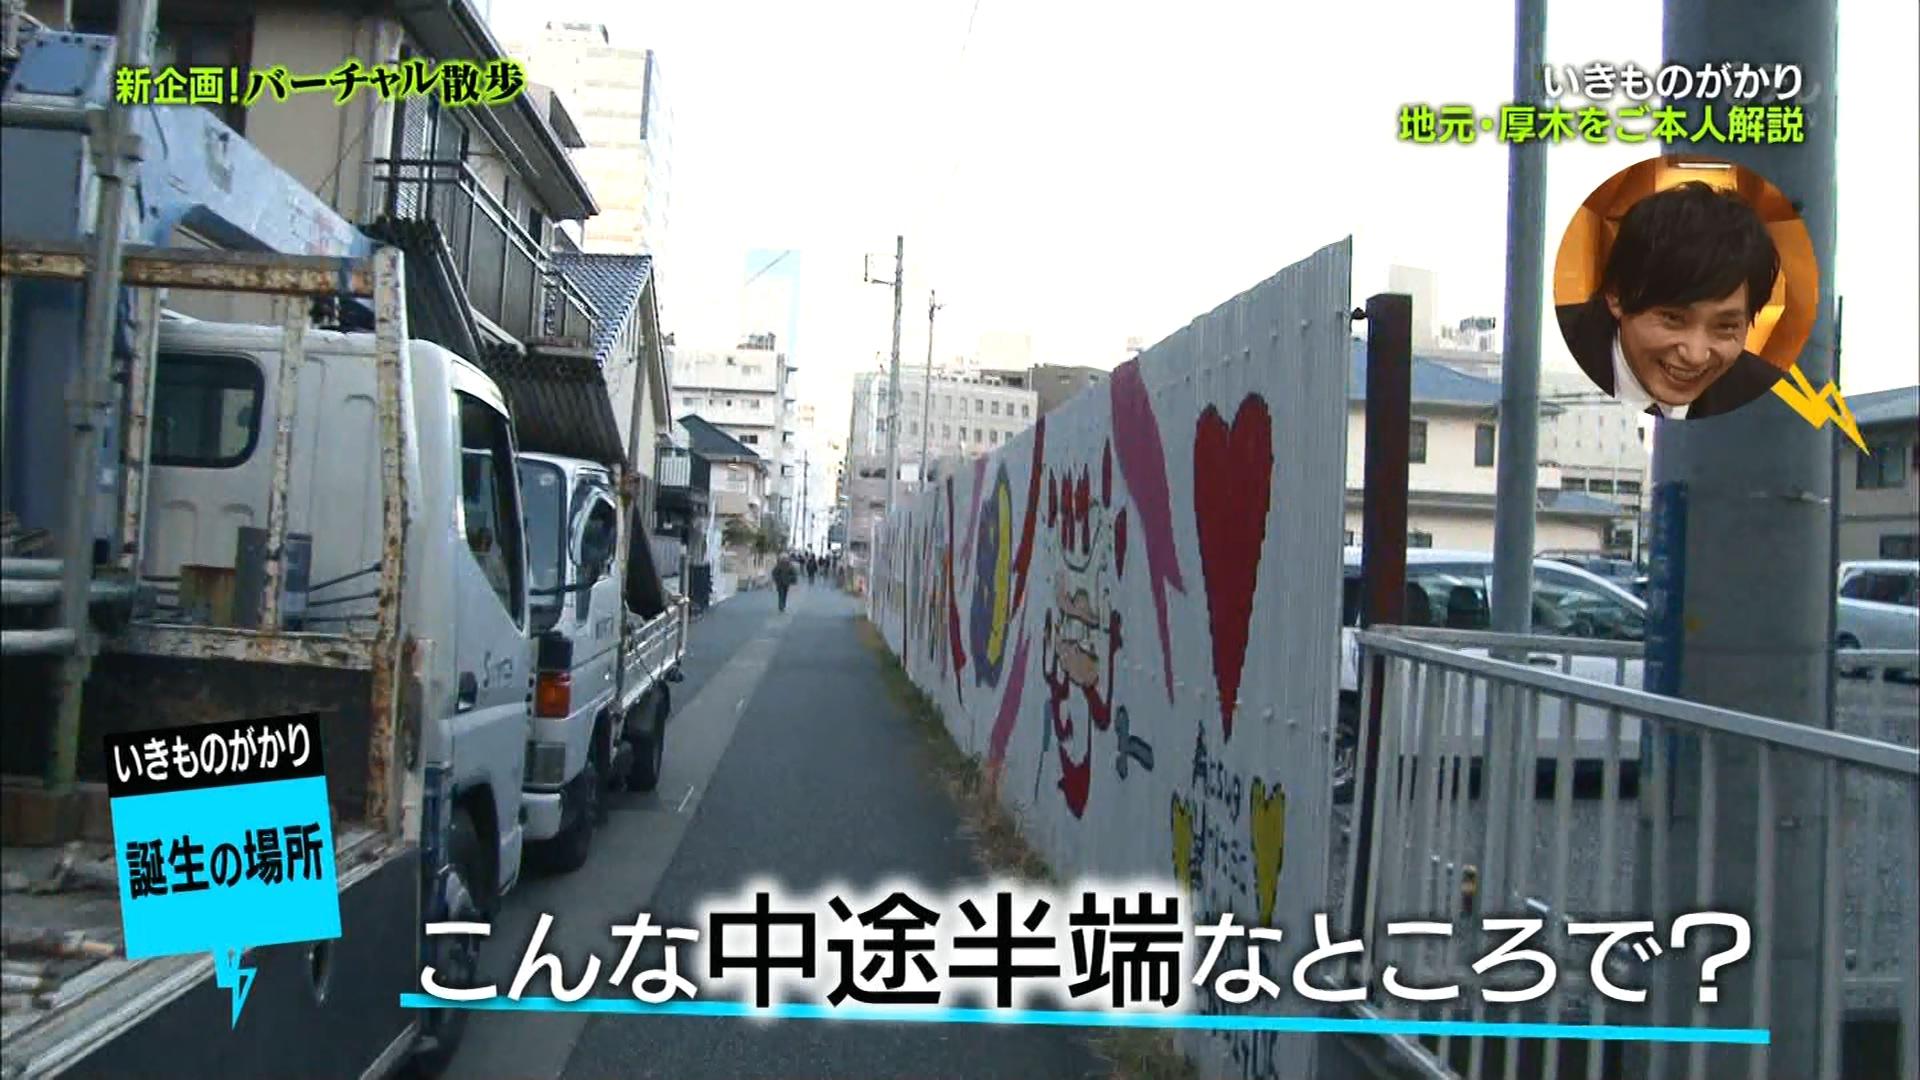 2016.03.11 全場(バズリズム).ts_20160312_020239.920